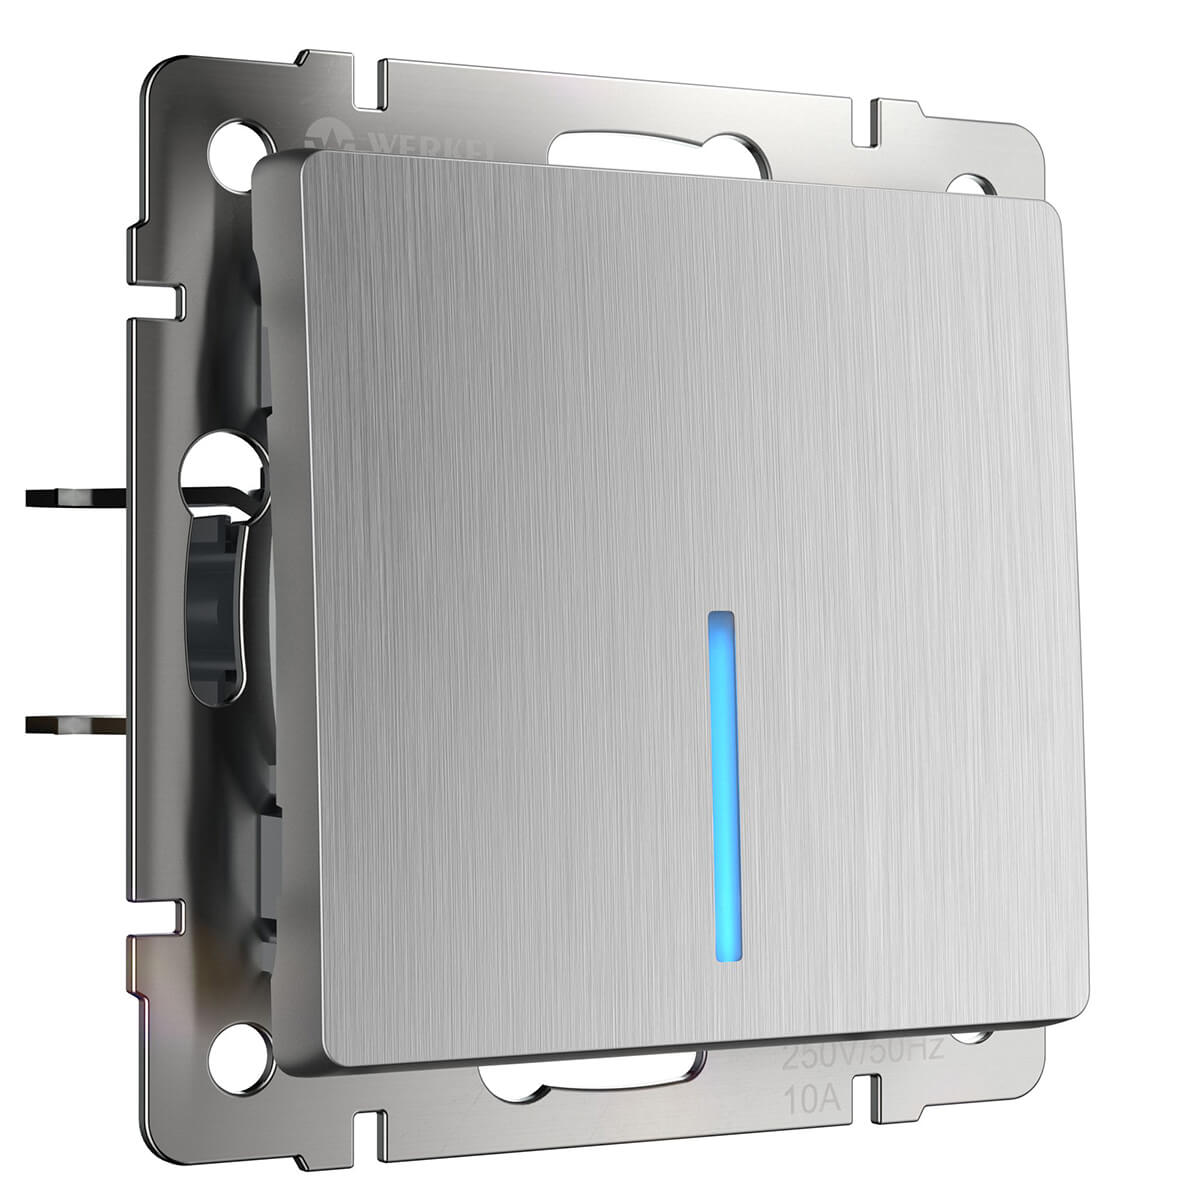 Выключатель одноклавишный проходной с подсветкой серебряный рифленый WL09-SW-1G-2W-LED 4690389085123 все цены